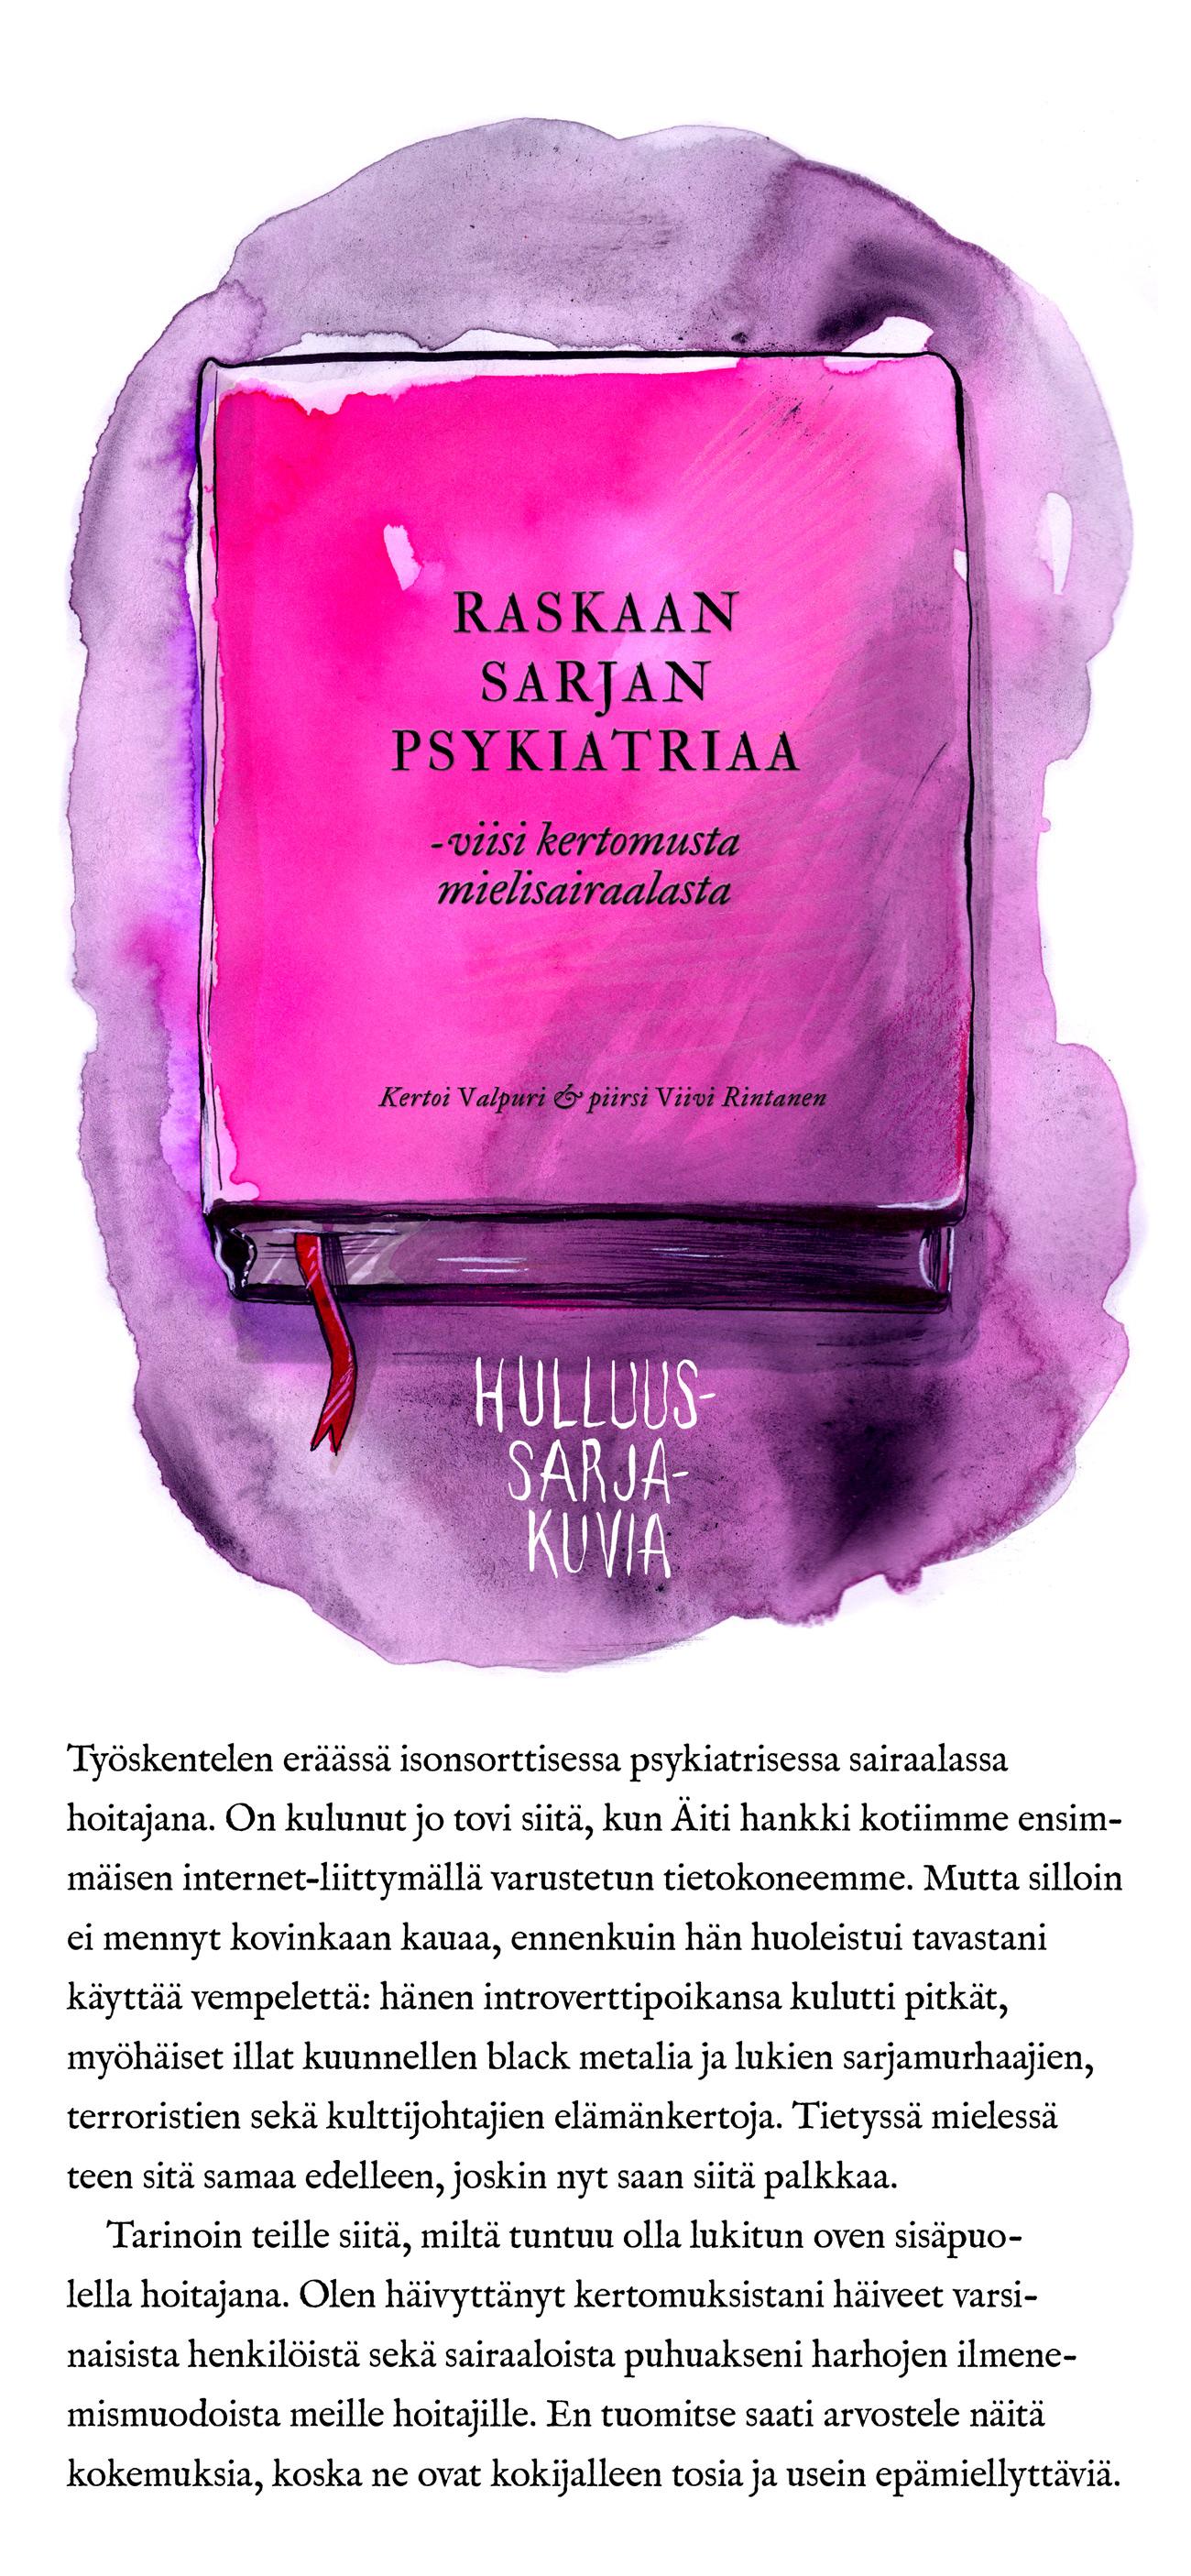 Blogitaitto-Raskaan-sarjan-psykiatriaa-1300-px-sivu-1